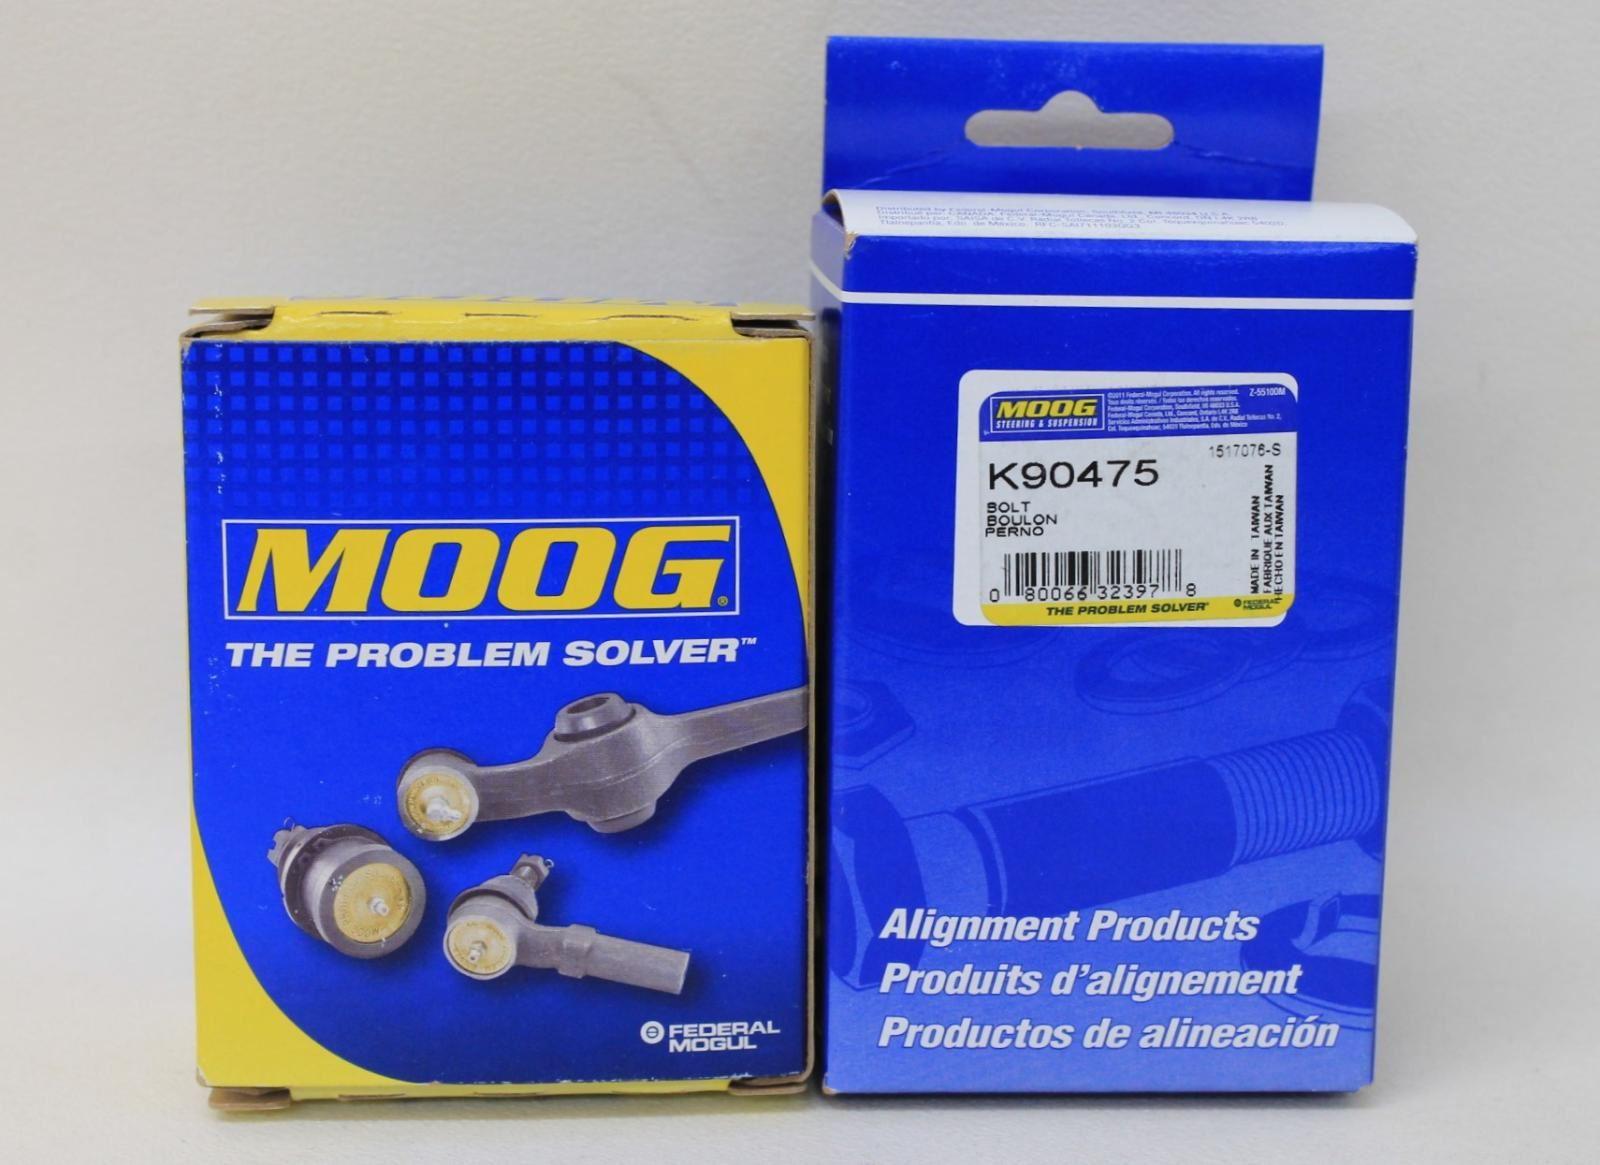 BNIB-MOOG-K90475-Cam-Bolt-Kit-Alignment-Replacement-Pair-For-Cars-amp-Light-Trucks